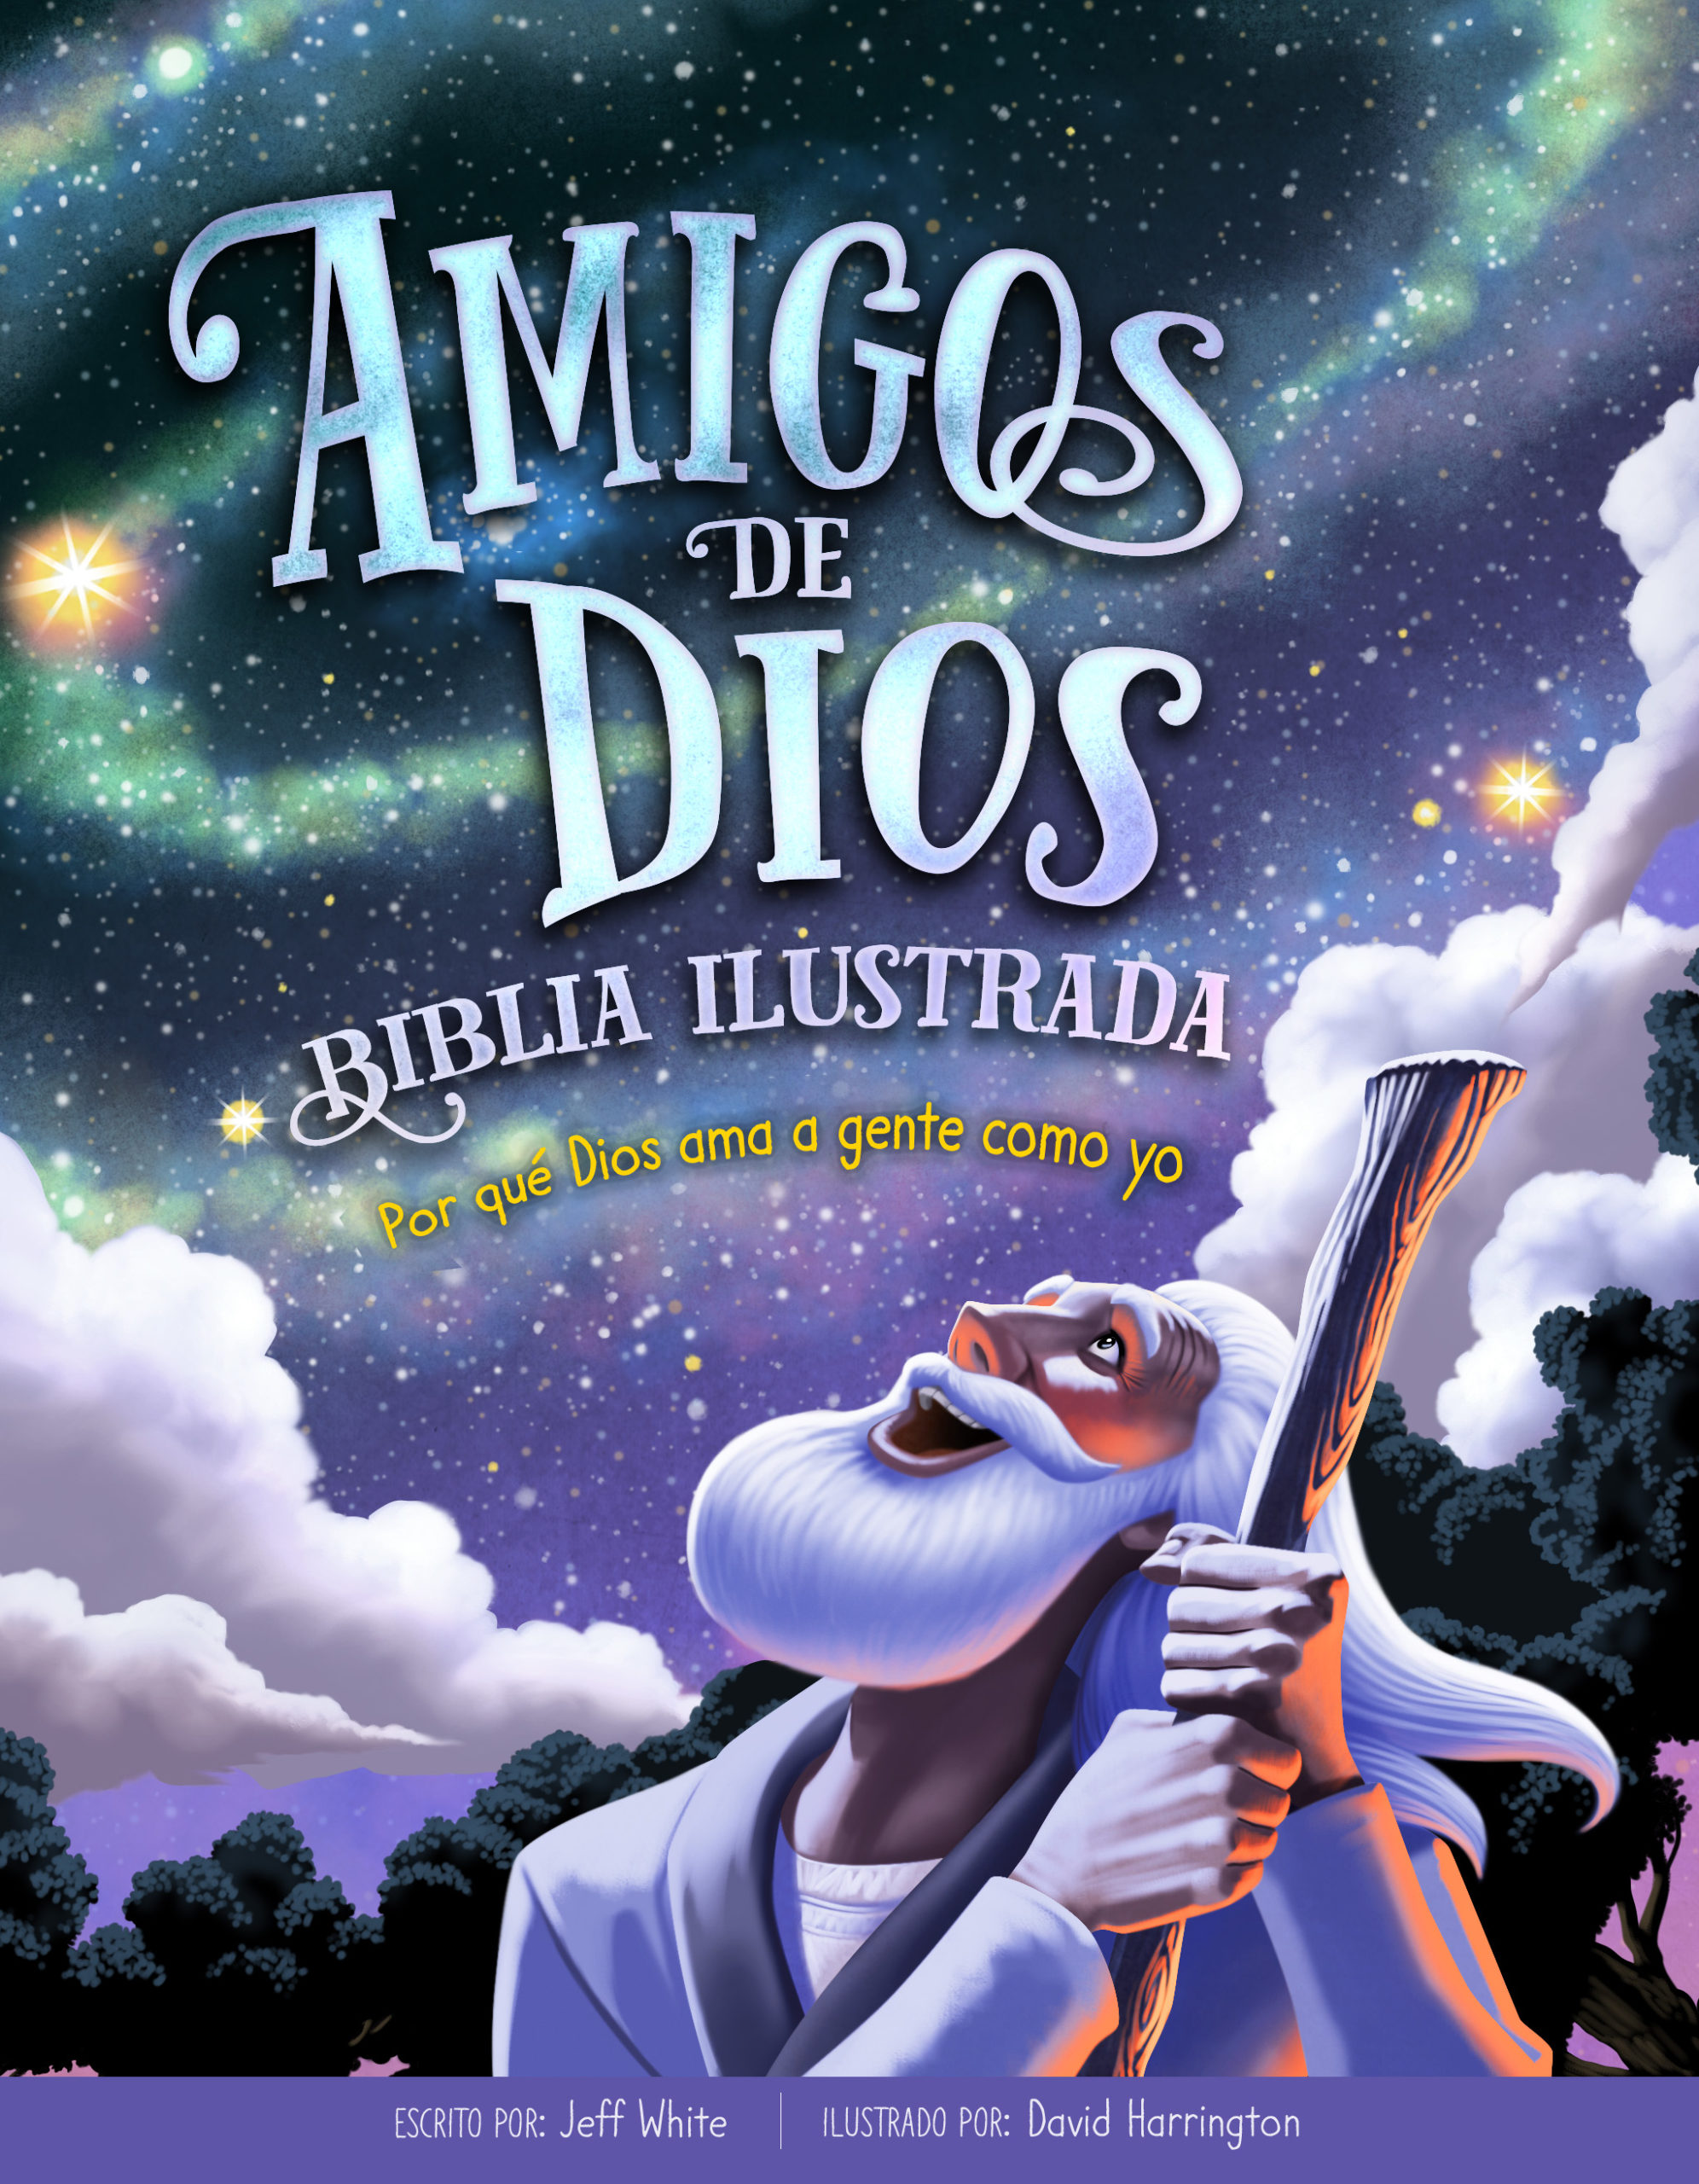 Biblia-Ilustrada-Amigos-de-Dios-scaled